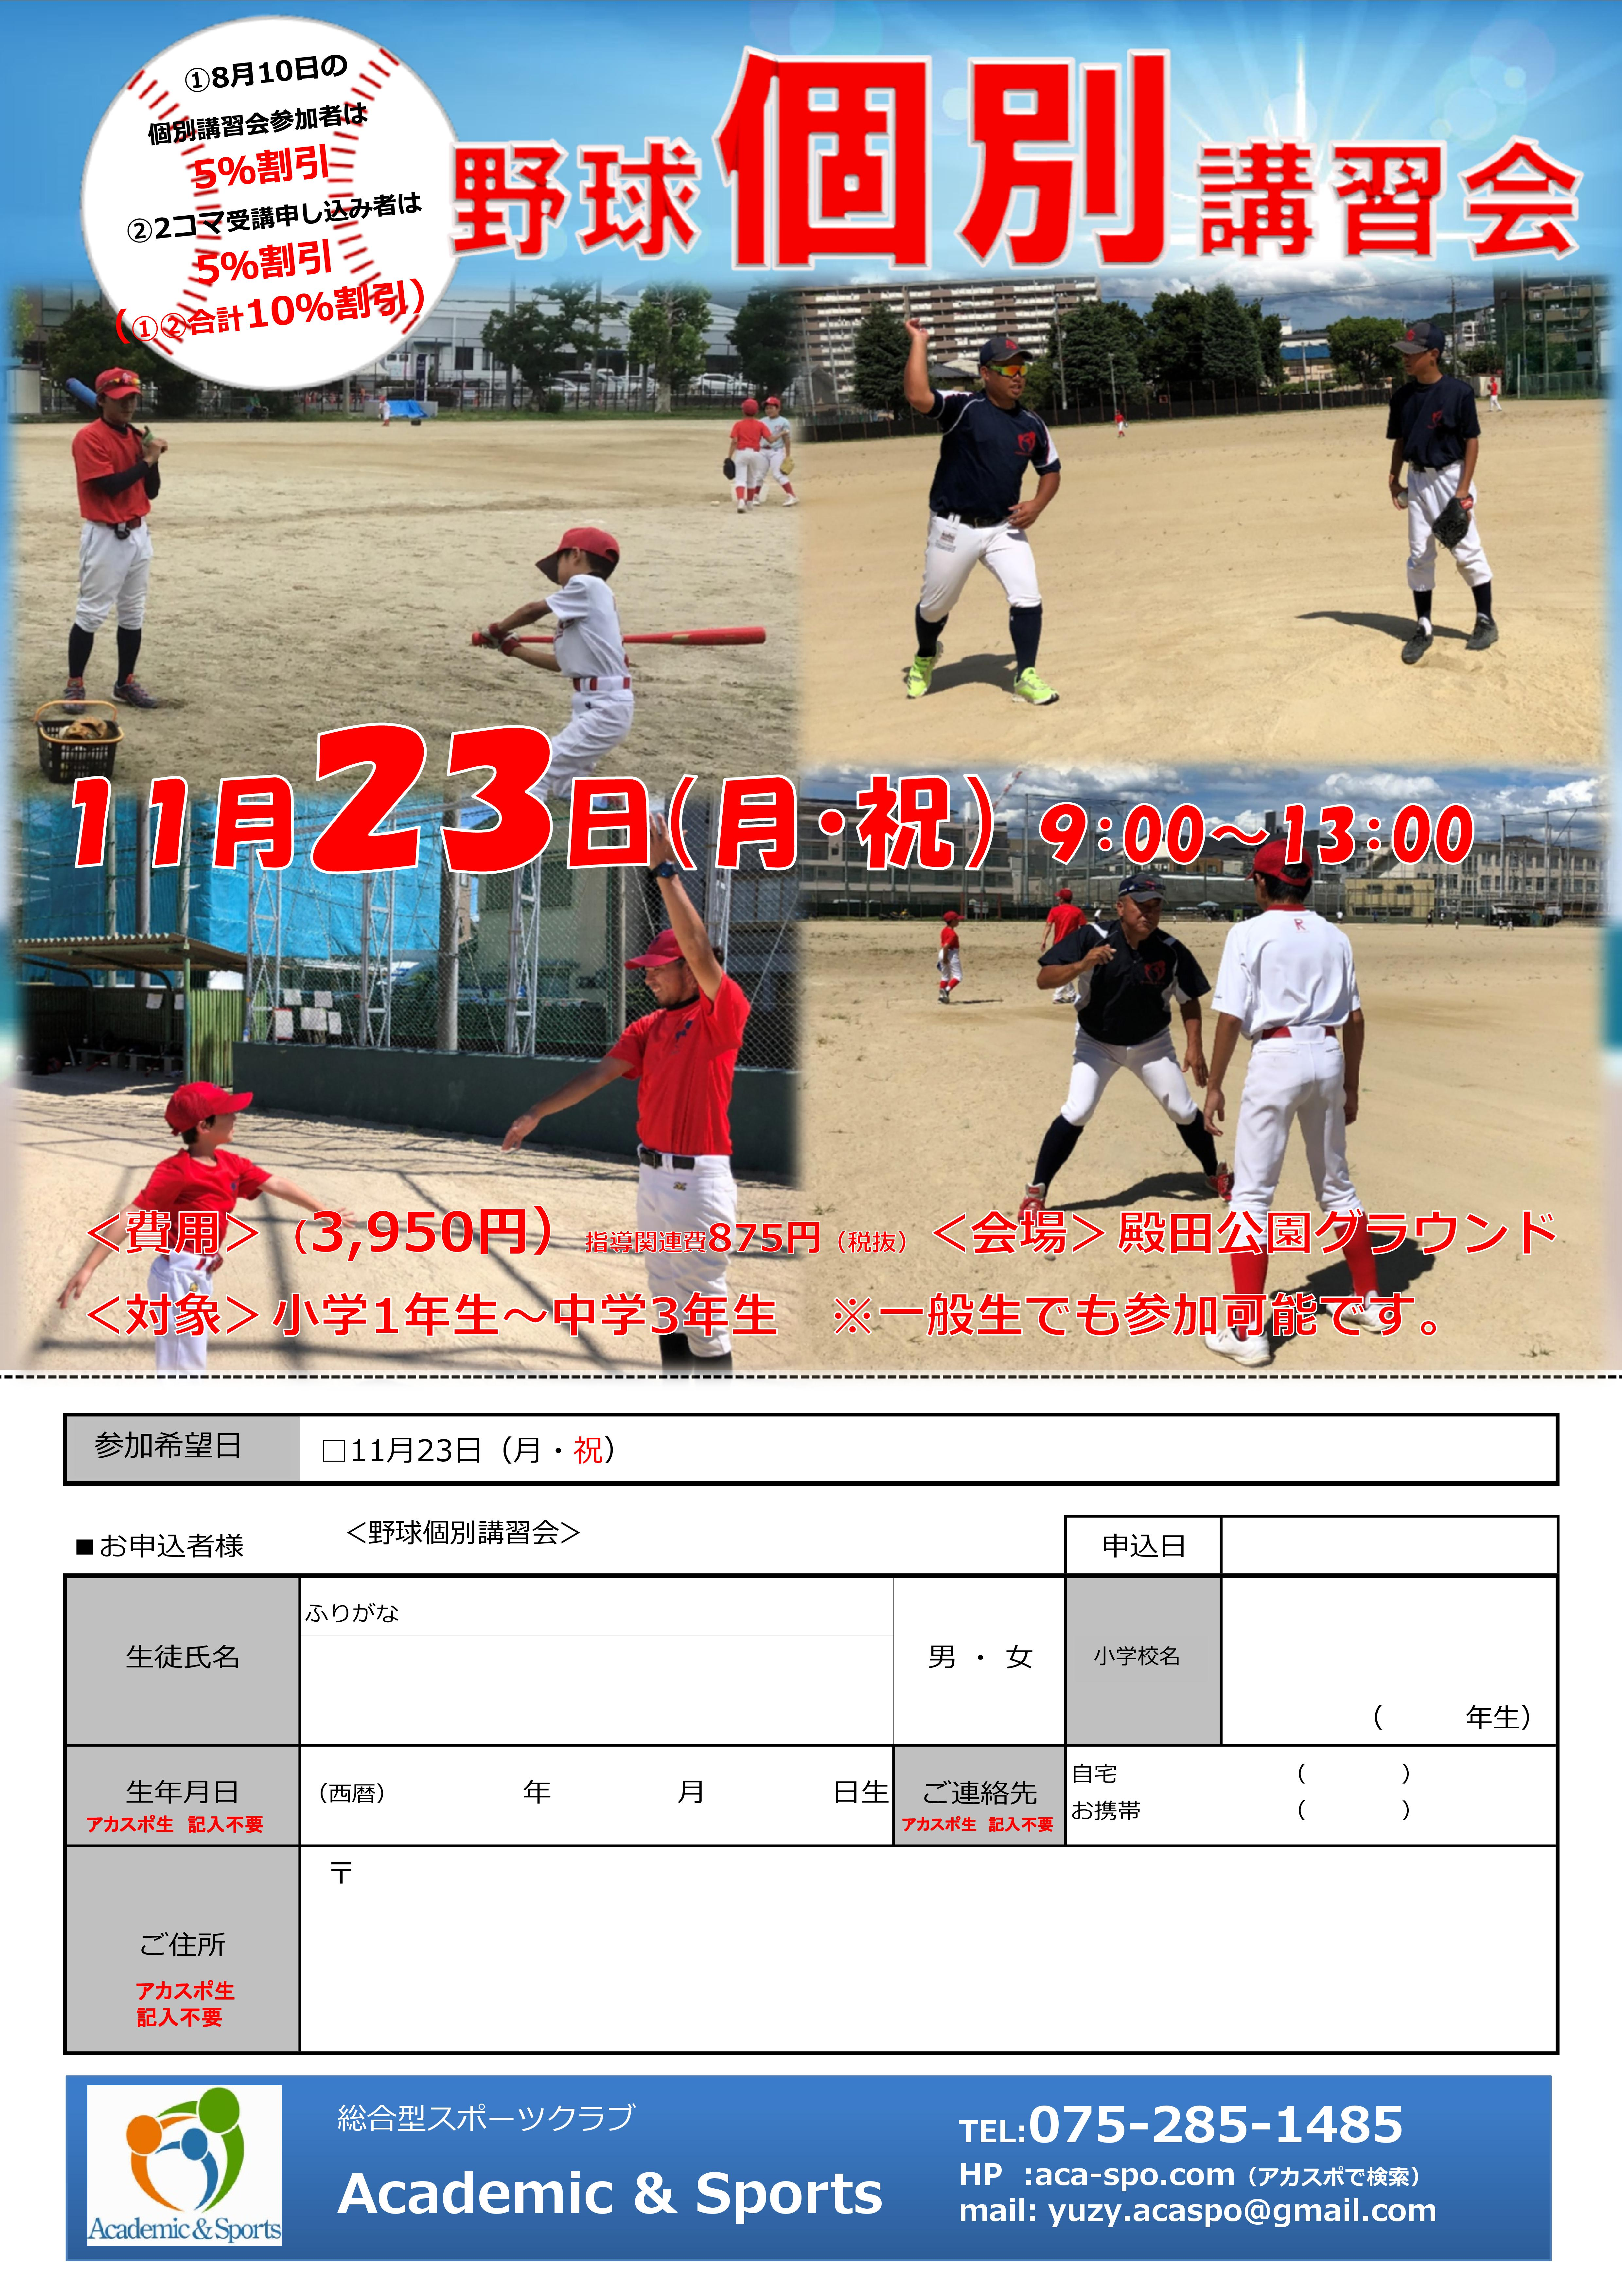 【野球個別指導会】11月23日(月祝)開催決定!